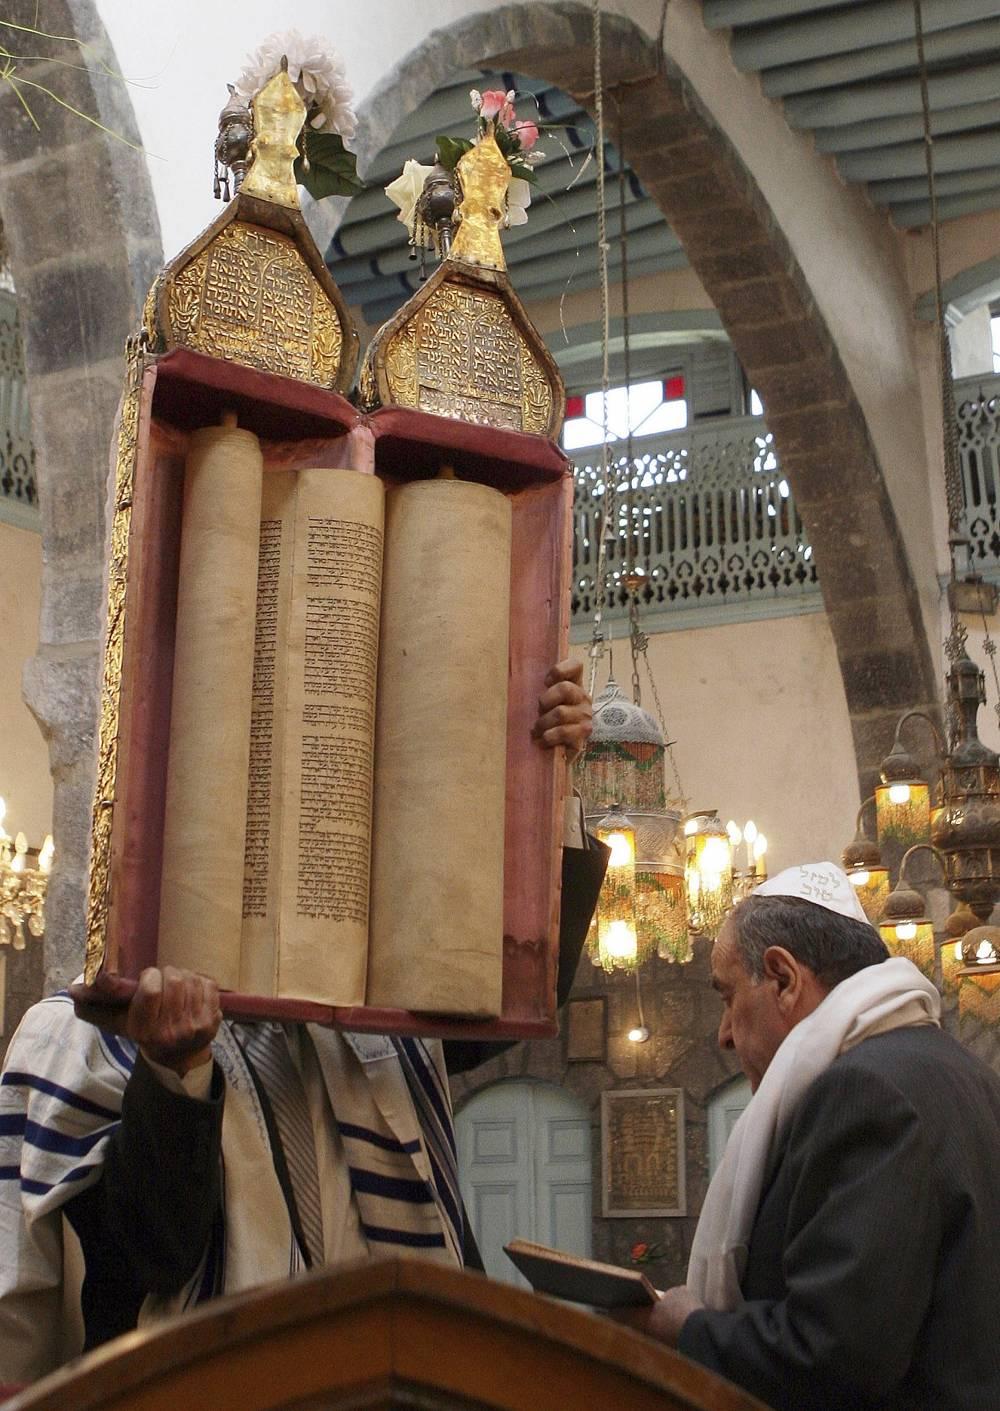 En esta foto de archivo del 20 de abril de 2008, judíos sirios celebran la Pascua en la sinagoga al-Firenj en el centro de Damasco, Siria.(AP Photo / Bassem Tellawi, Archivo)